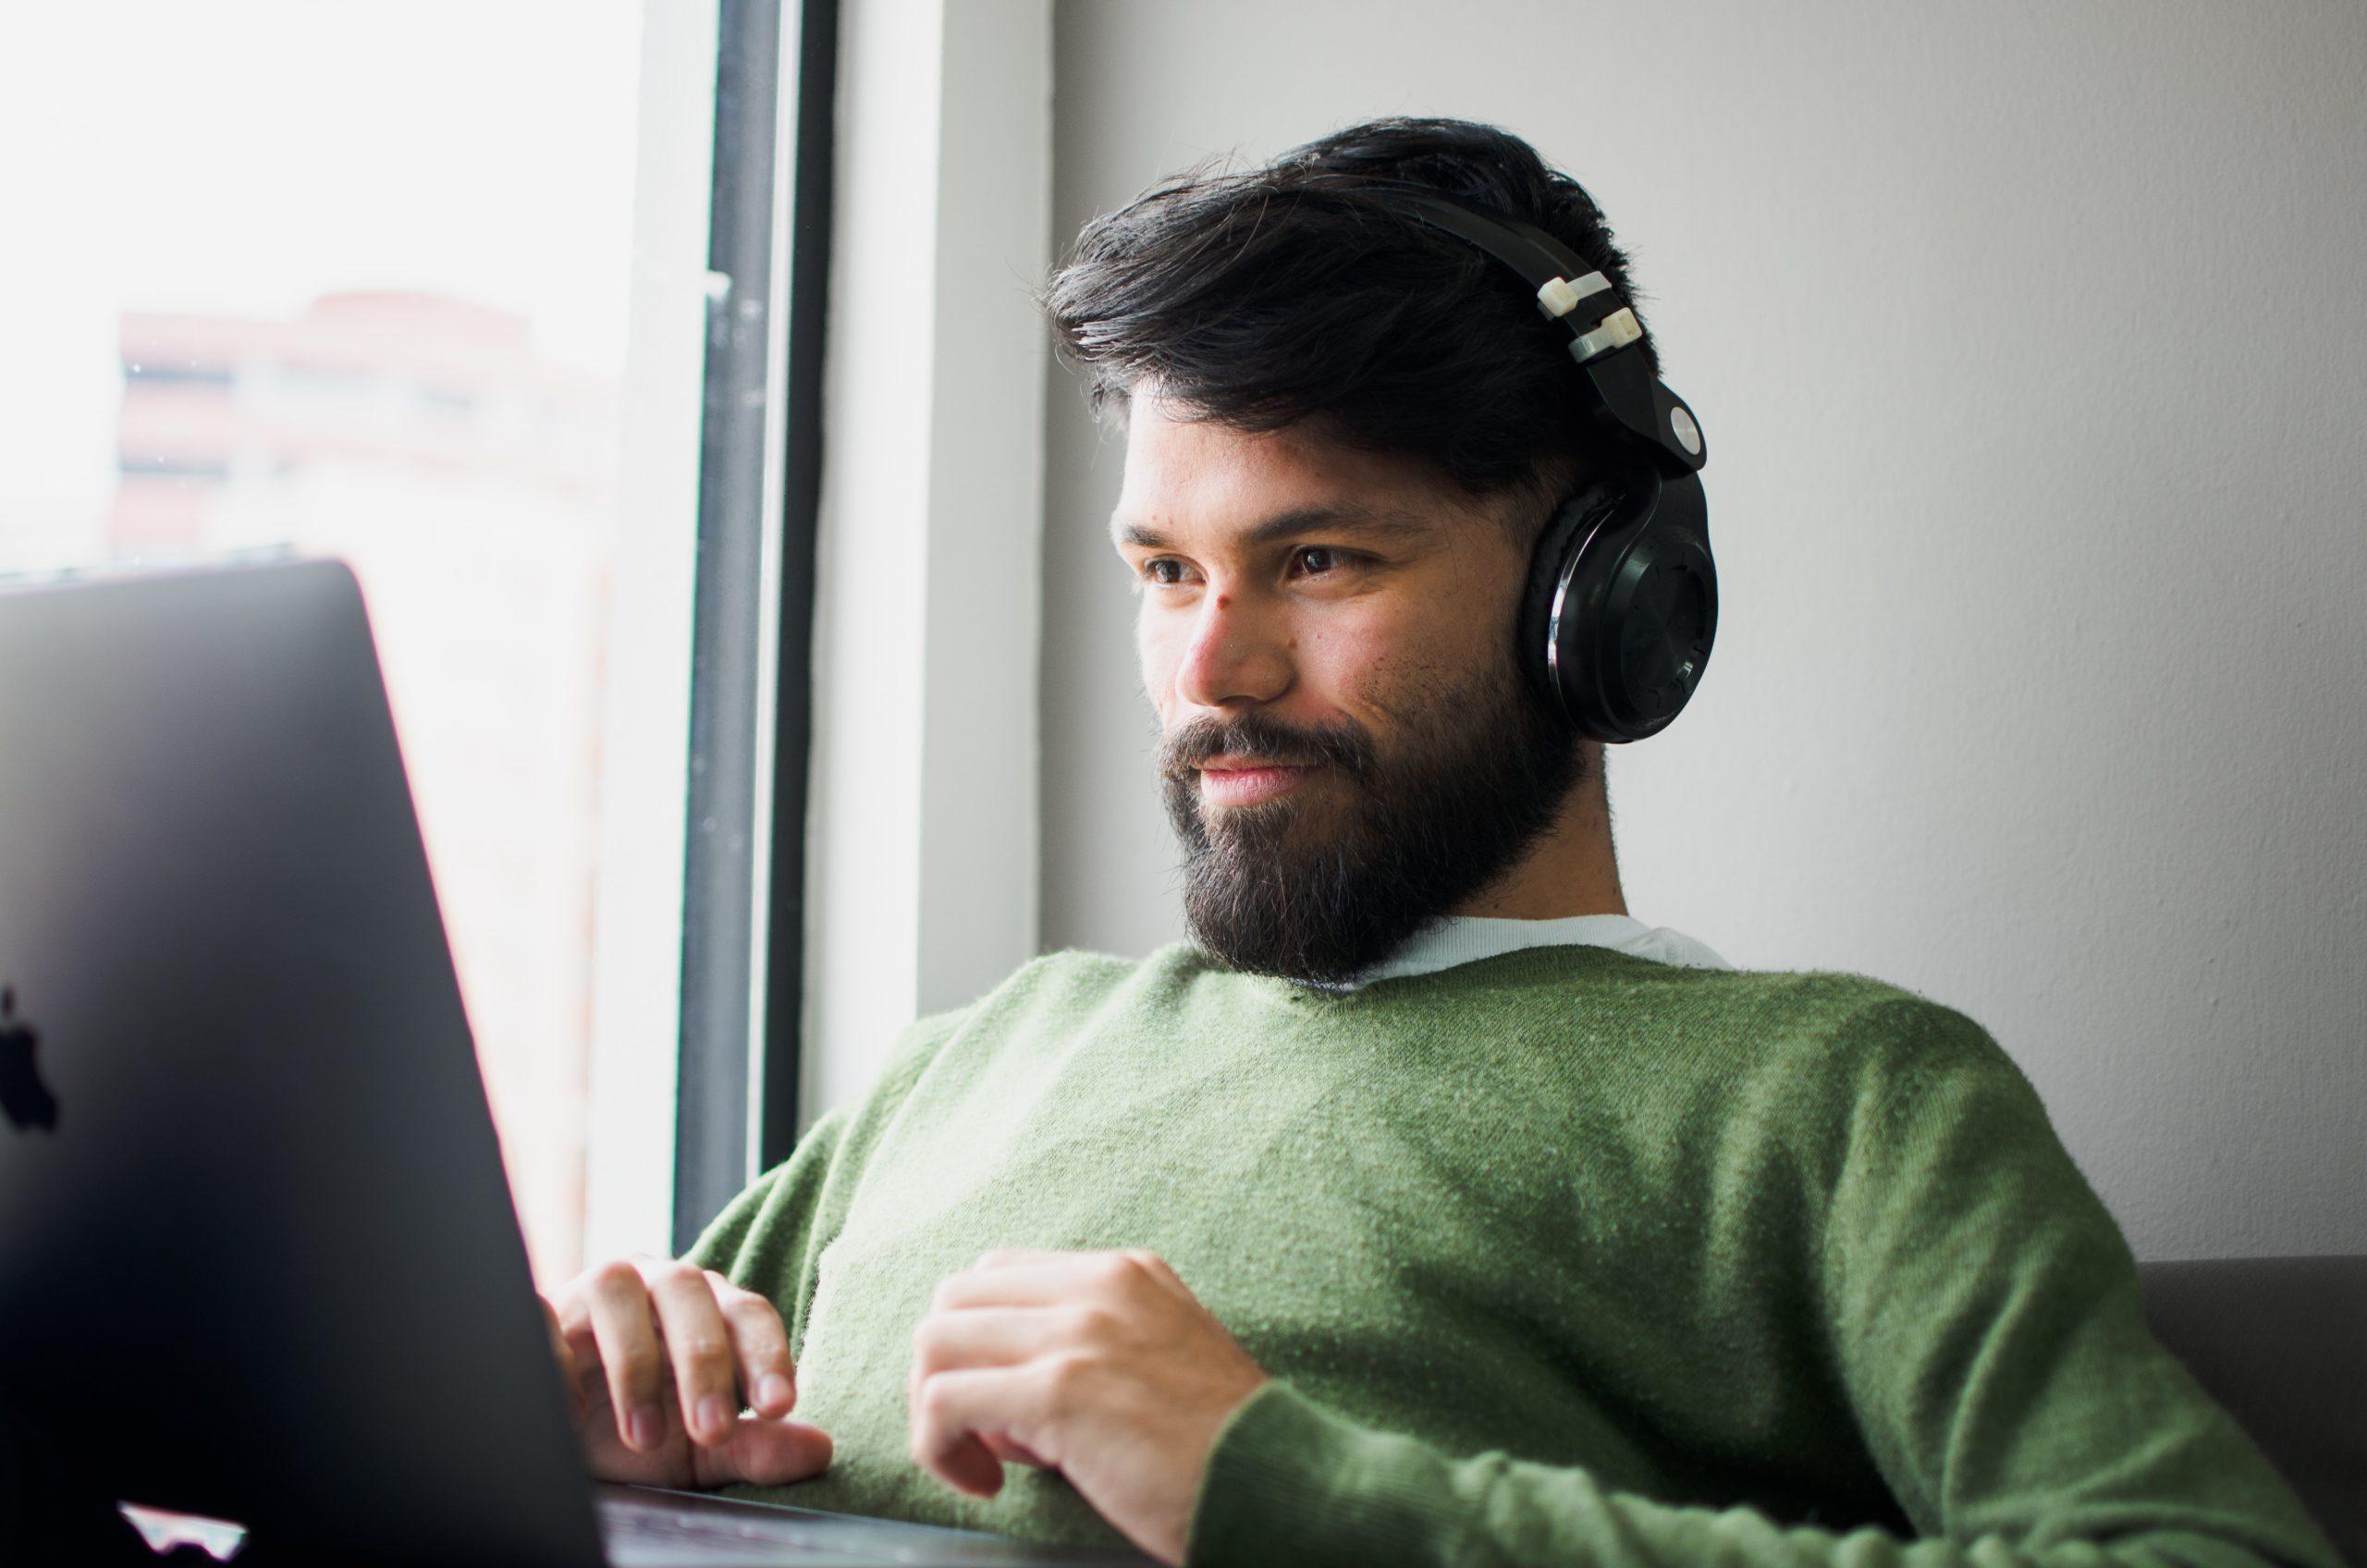 Mann mit Kopfhörern vor seinem Laptop